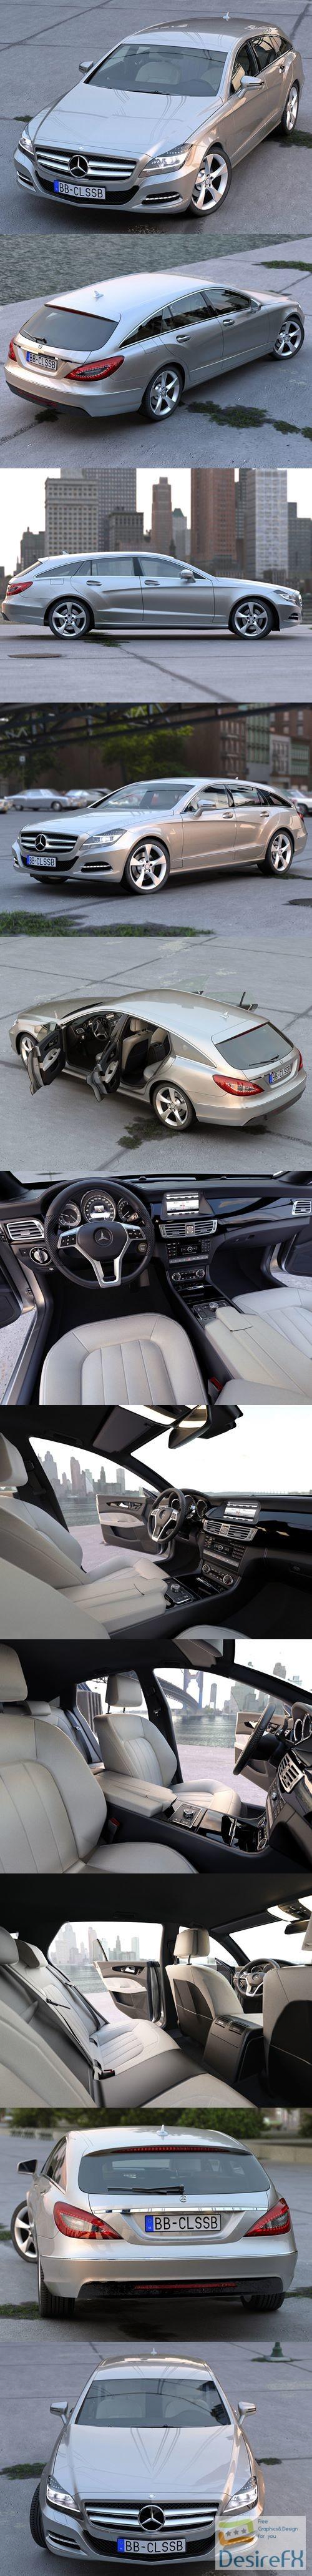 3d-models - Mercedes Benz CLS Shooting Brake 2013 3D Model